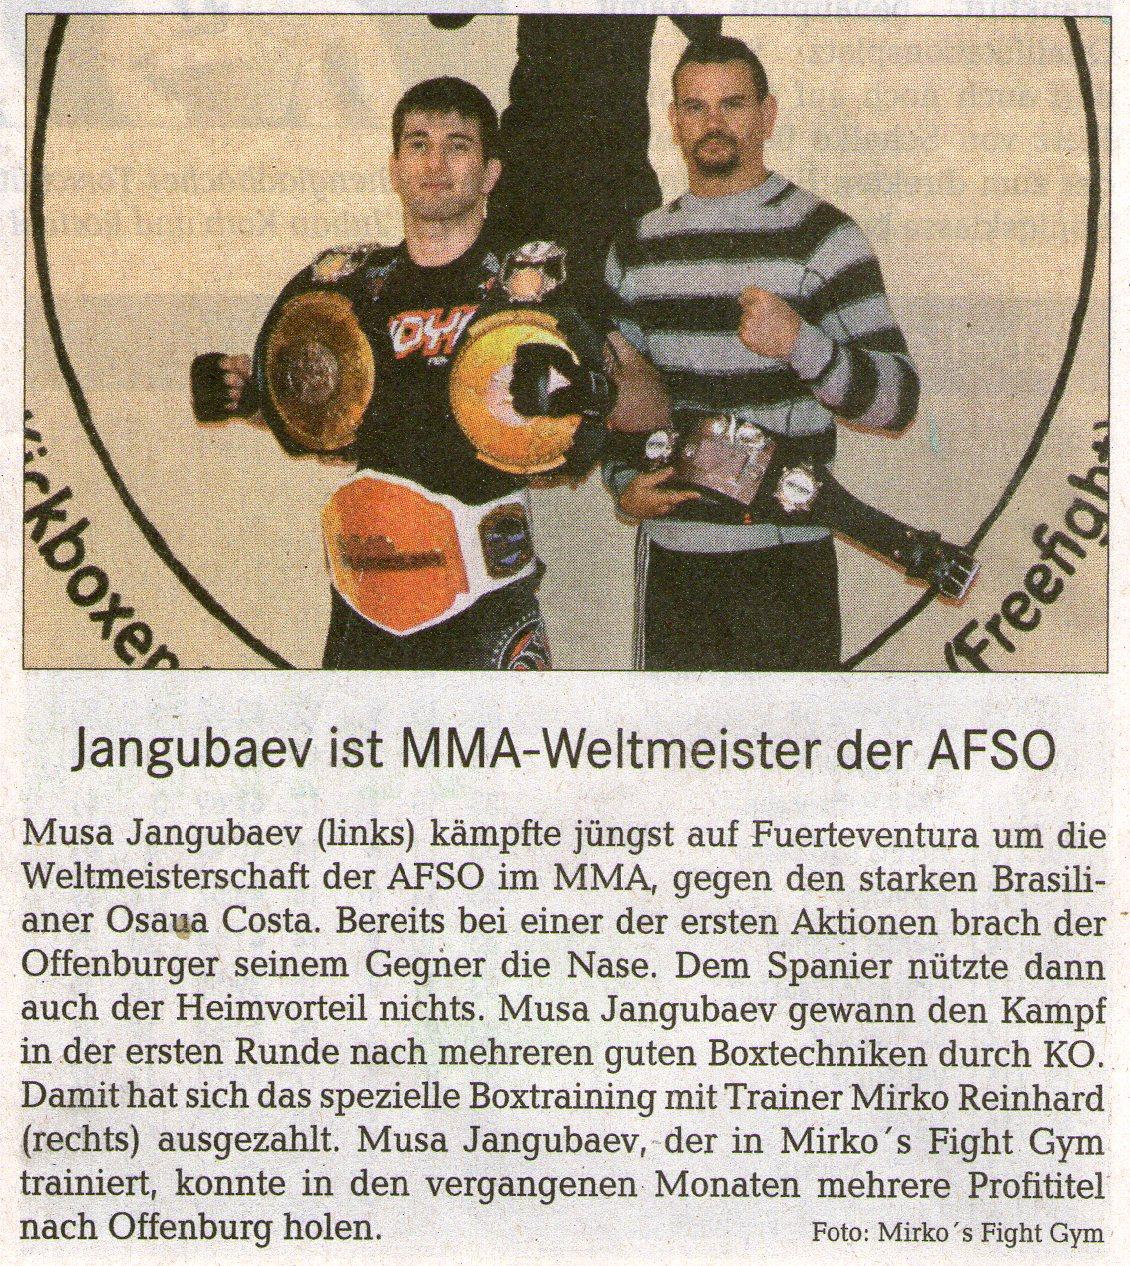 Jangubaev ist MMA Weltmeistr der AFSO